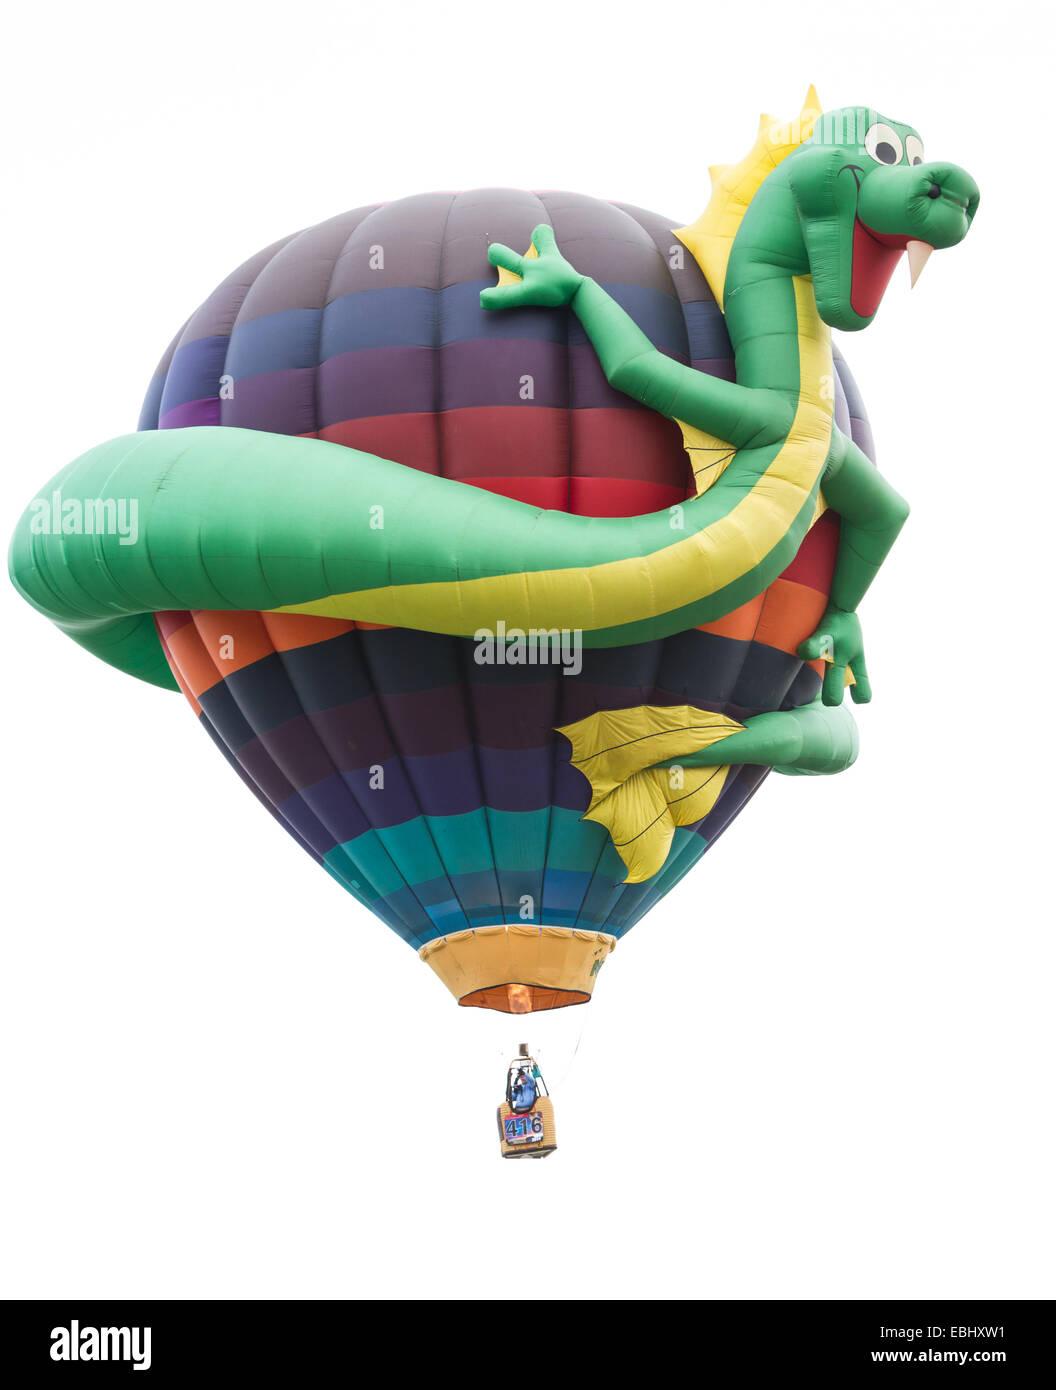 Albuquerque New Mexico - October 8 : fun dragon ballon at the special shape competition at the Balloon Fiesta, October - Stock Image